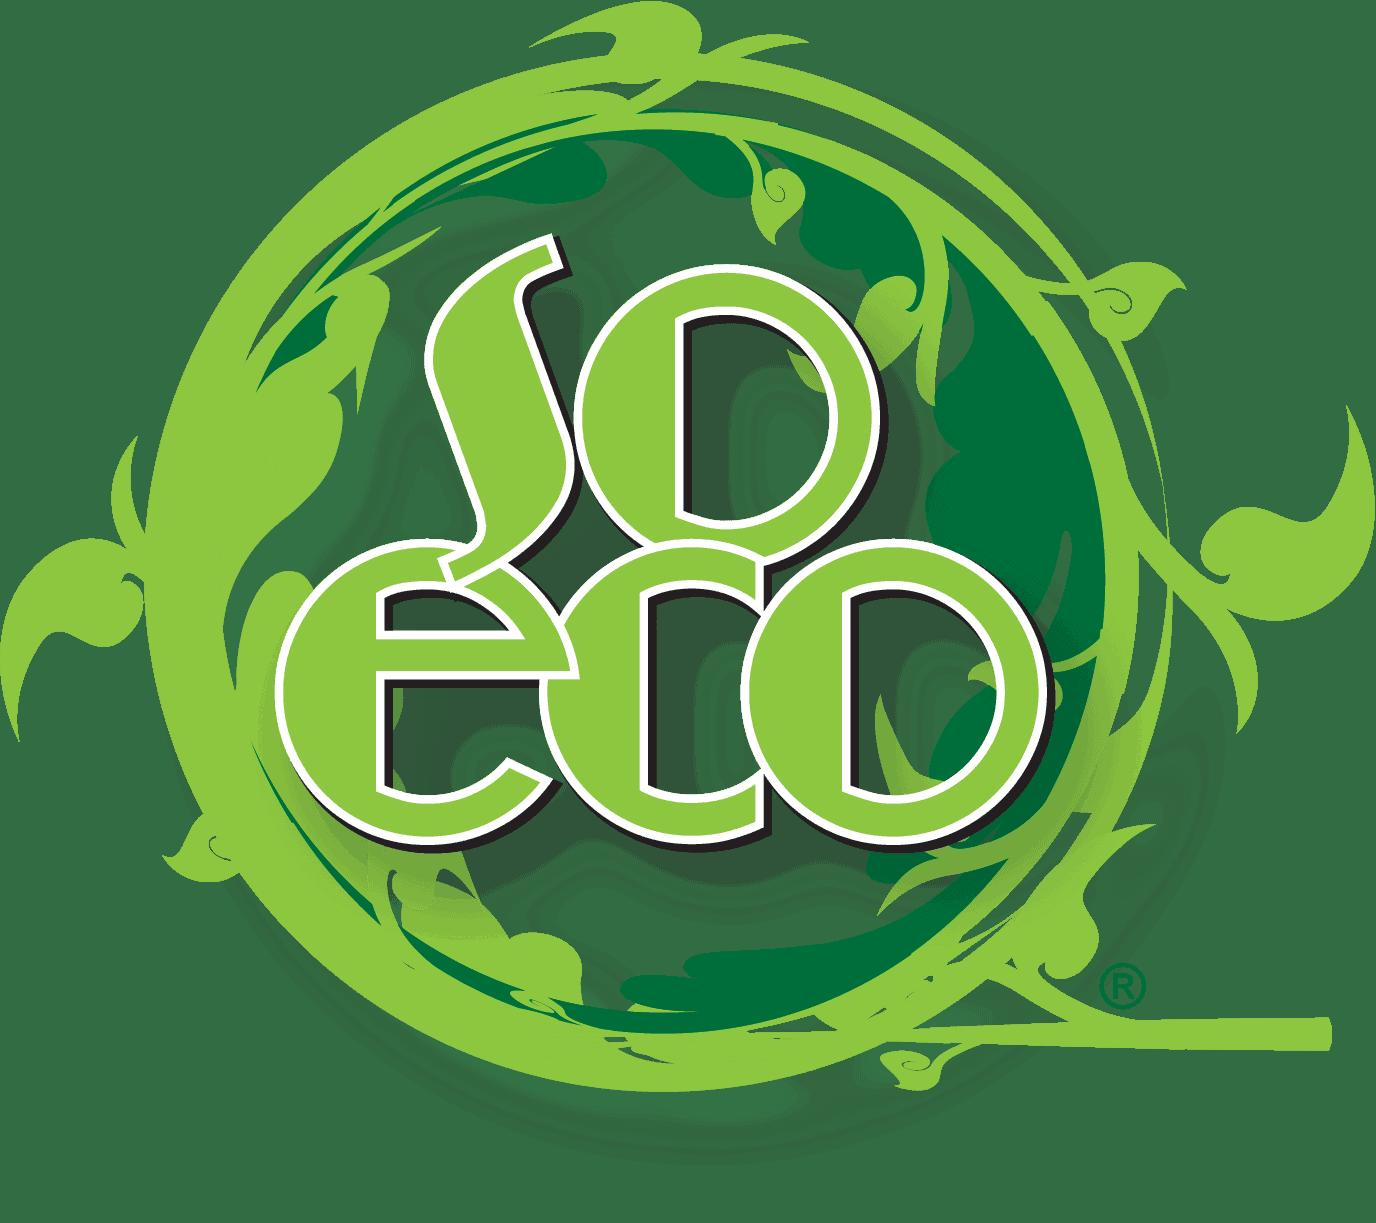 SoEco logo